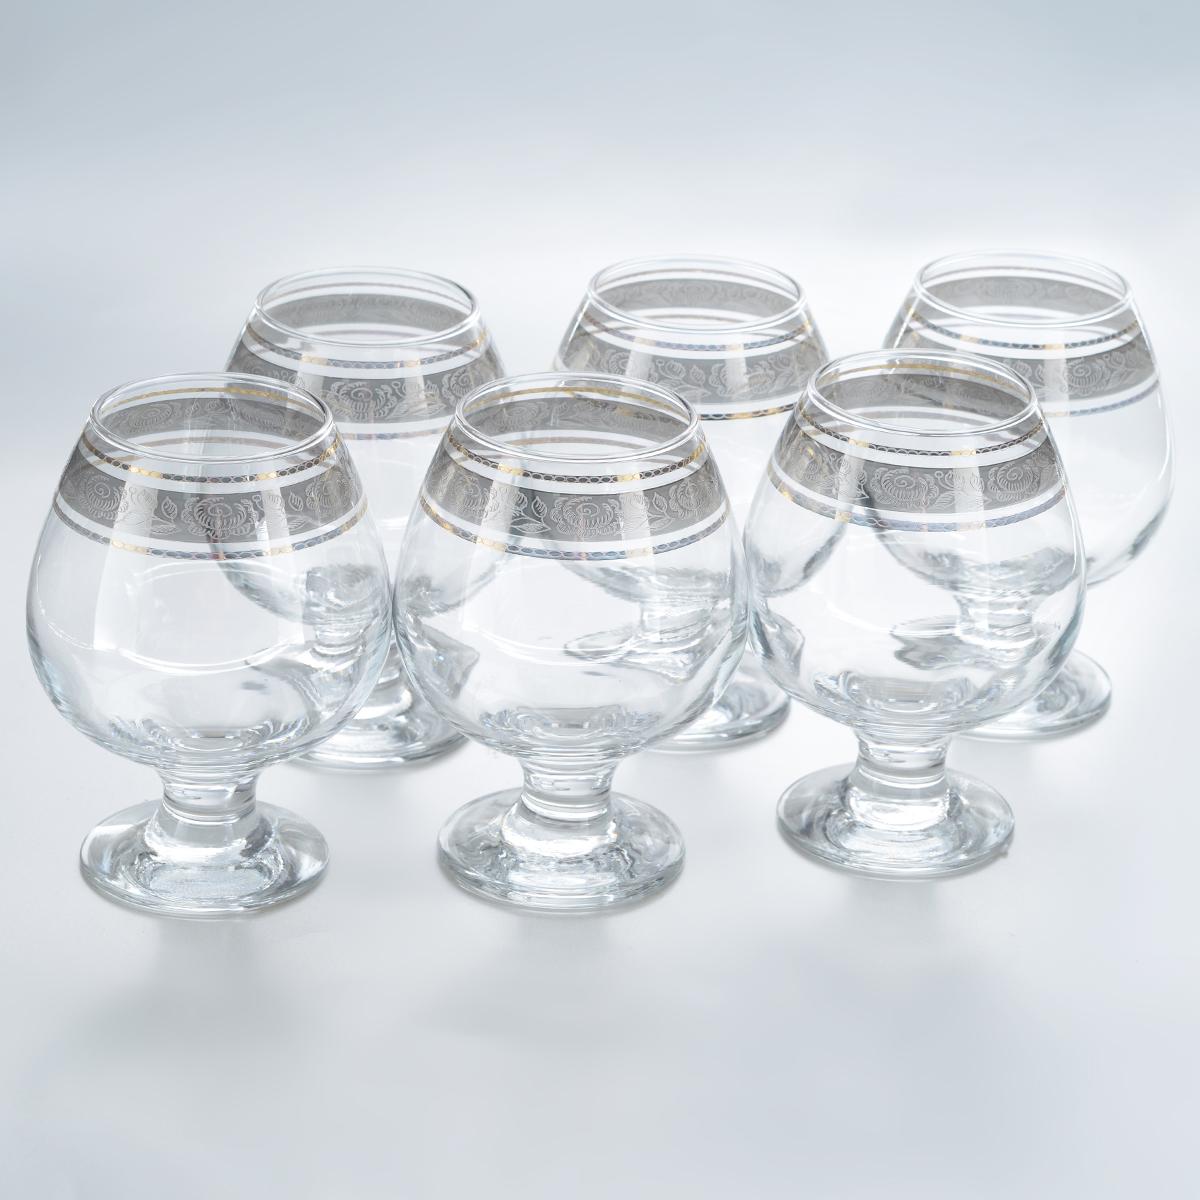 Набор бокалов для бренди Гусь-Хрустальный Первоцвет, 400 мл, 6 штVT-1520(SR)Набор Гусь-Хрустальный Первоцвет состоит из 6 бокалов на низкой ножке, изготовленных из высококачественного натрий-кальций-силикатного стекла. Изделия оформлены красивым зеркальным покрытием и широкой окантовкой с цветочным узором. Бокалы предназначены для подачи бренди. Такой набор прекрасно дополнит праздничный стол и станет желанным подарком в любом доме. Разрешается мыть в посудомоечной машине. Диаметр бокала (по верхнему краю): 5,5 см. Высота бокала: 12,5 см. Диаметр основания бокала: 6,3 см.